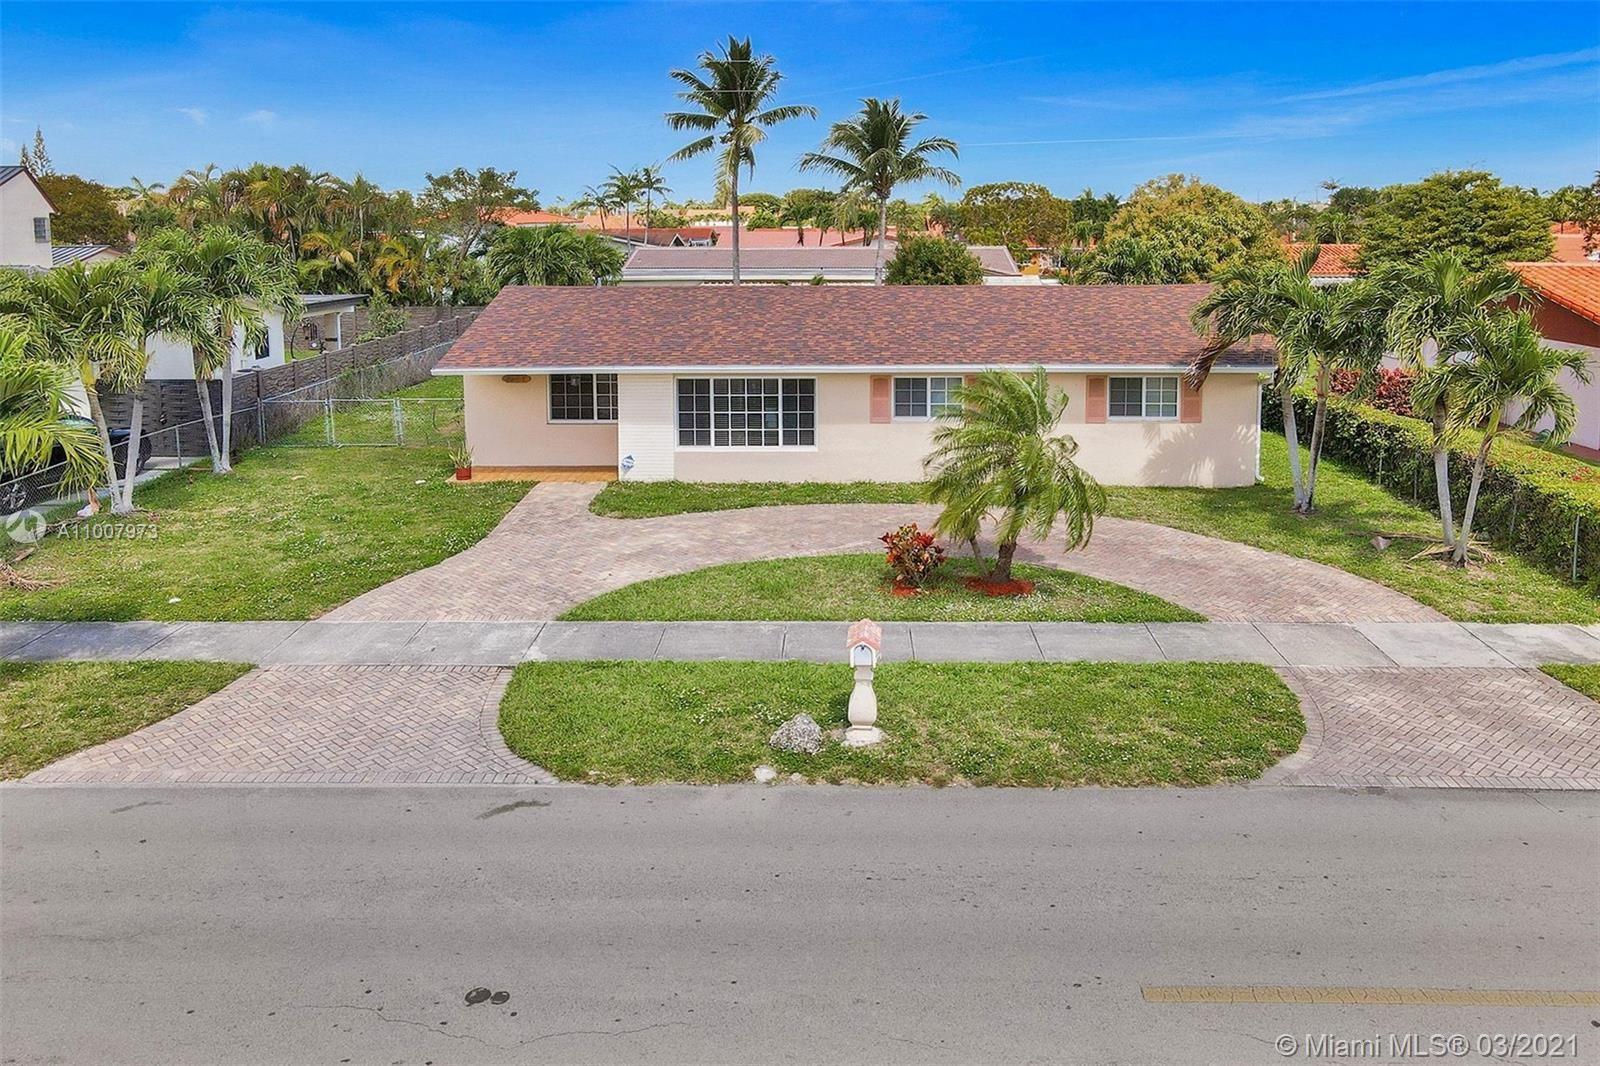 8957 SW 12th St, Miami, FL 33174 - #: A11007973